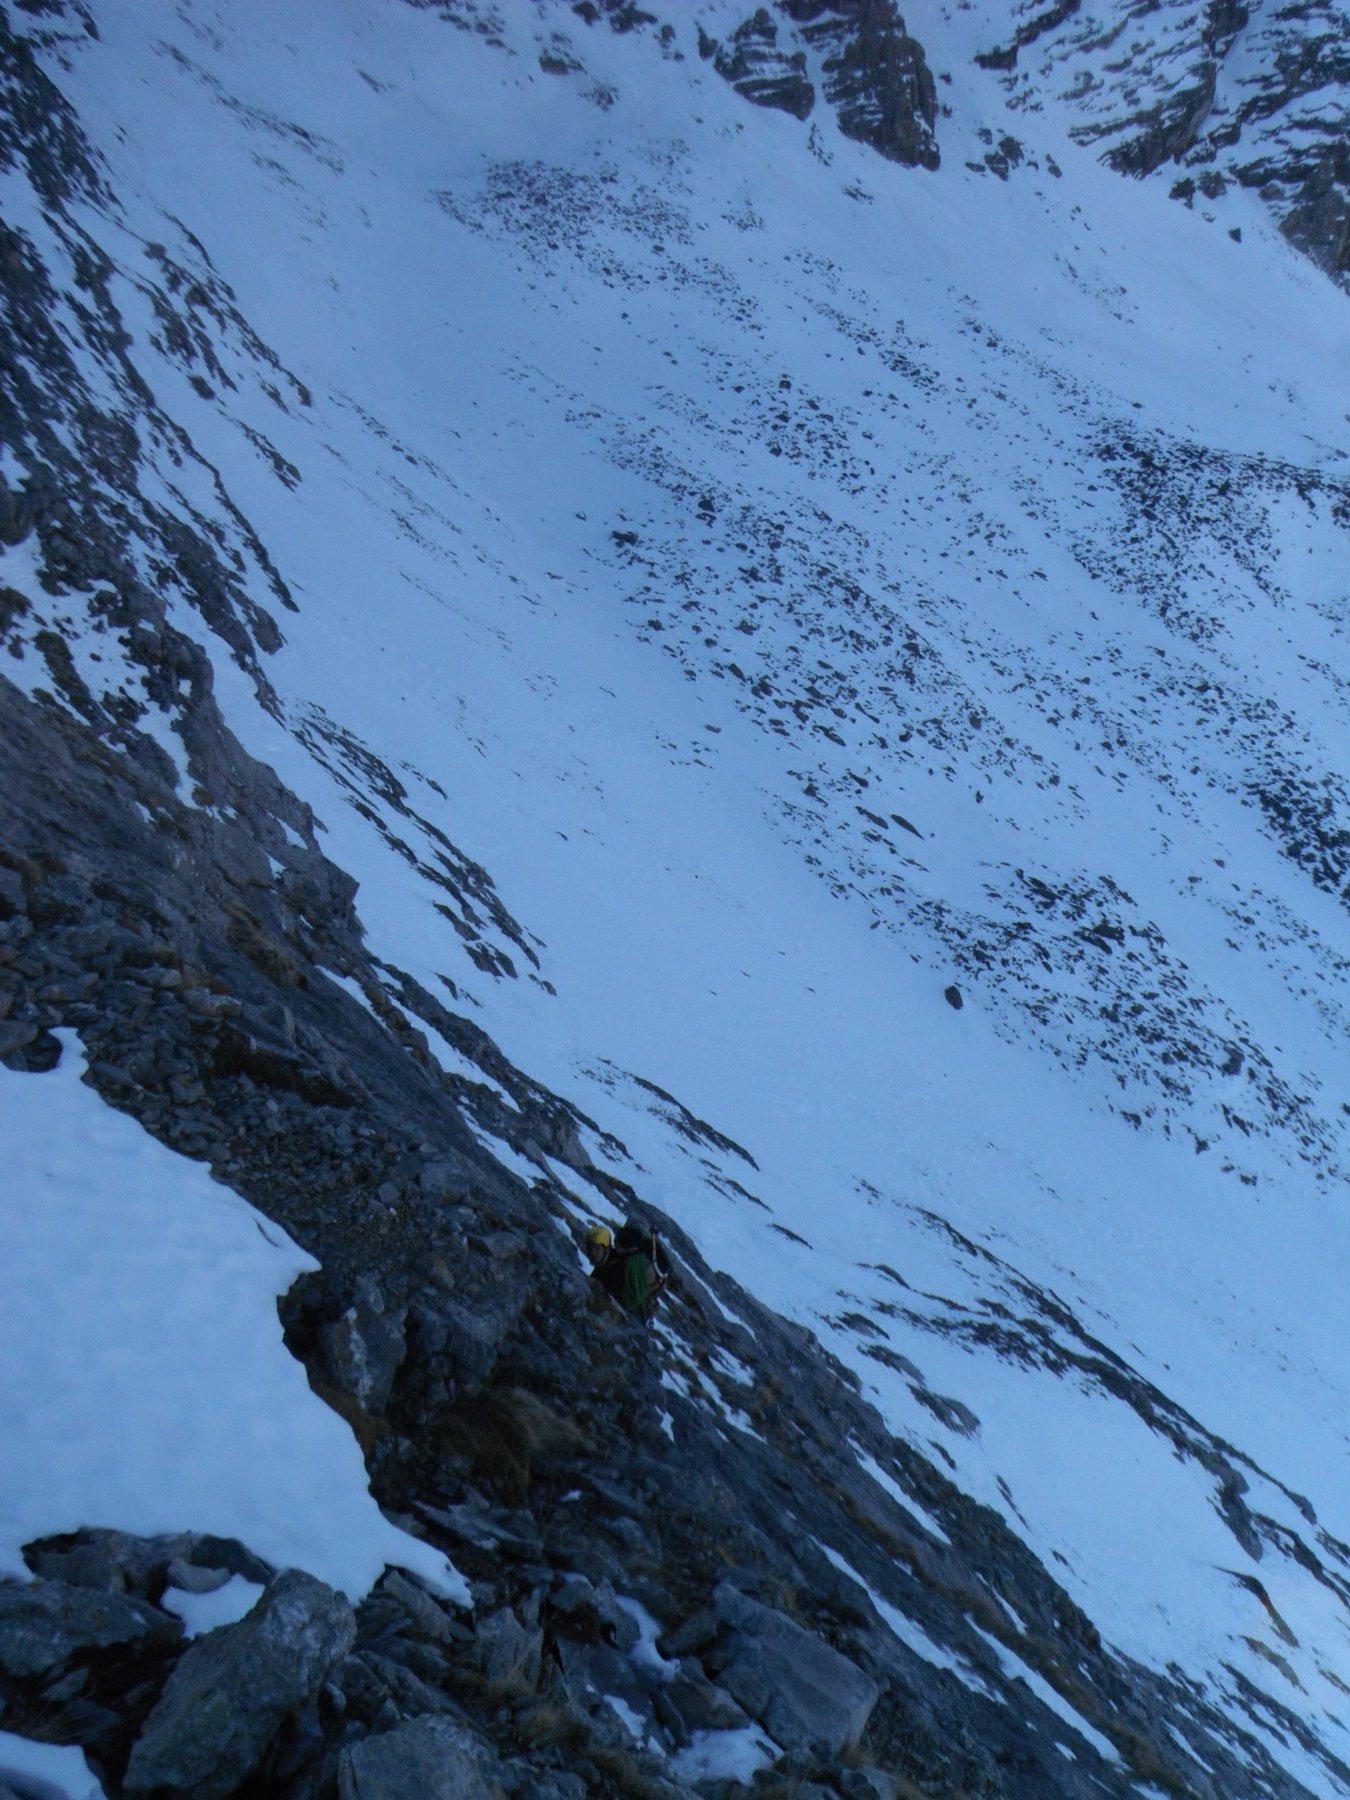 tratto balordo per scendere sulla normale scialpinistica del Gran Roc